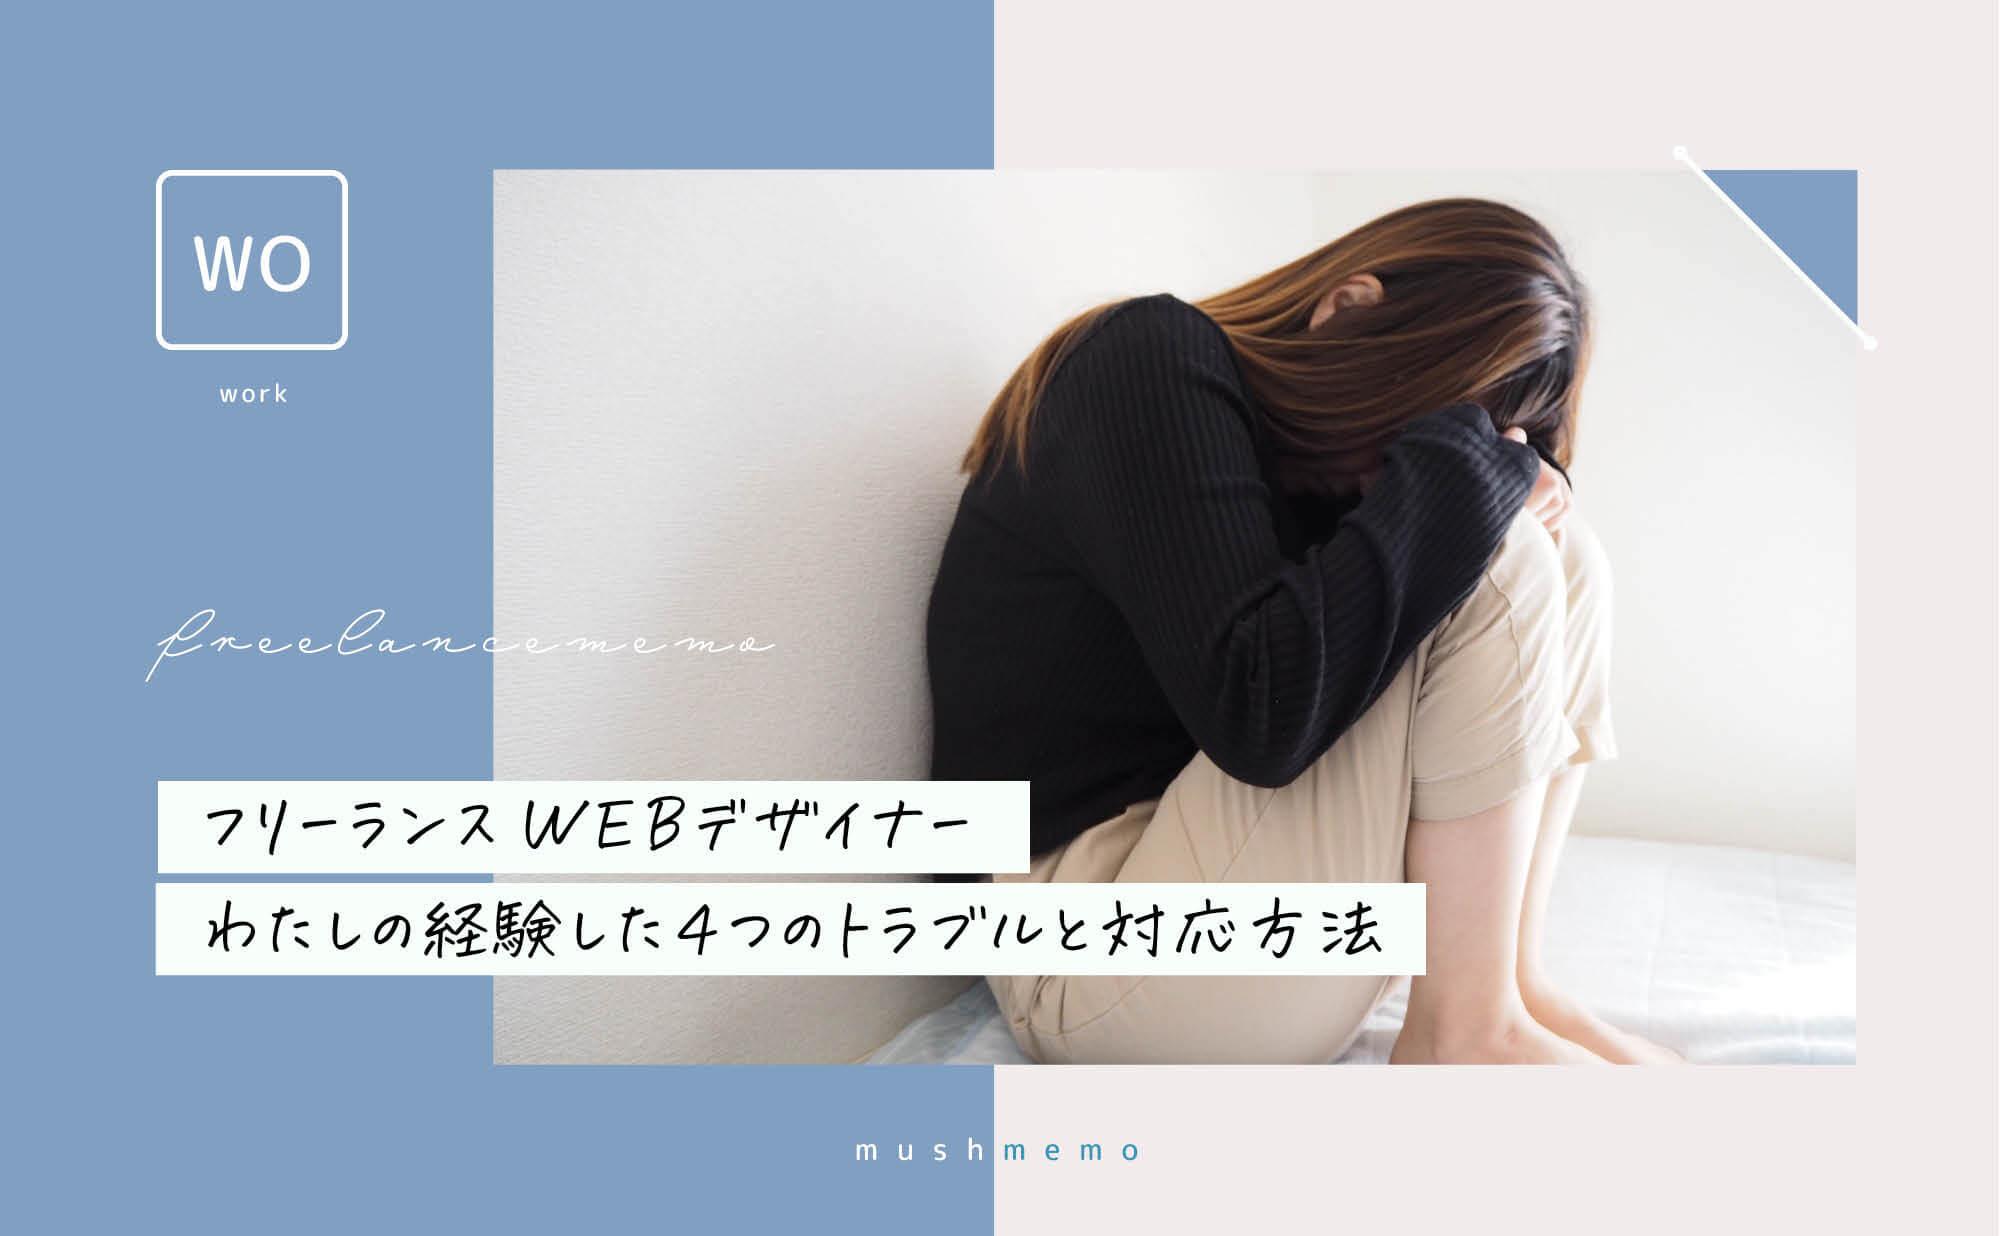 【フリーランスWEBデザイナー】わたしの経験したトラブルと対応方法